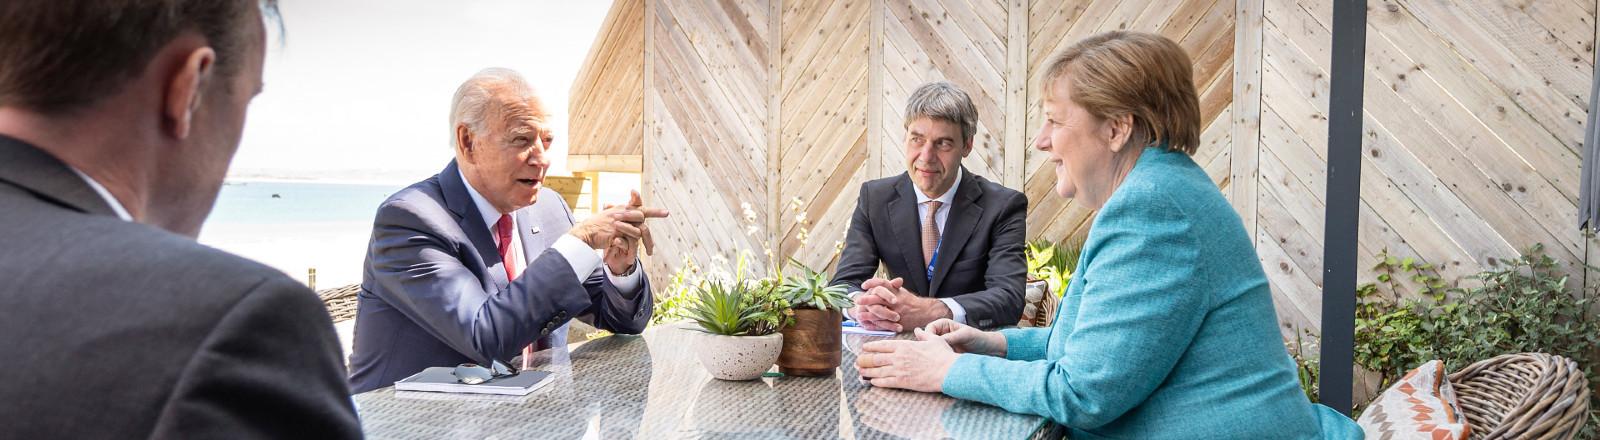 Bundeskanzlerin Angela Merkel (CDU) und US-Präsident Joe Biden (2.v.l.) sitzen am 12.06.2021 zu Beginn ihres Gesprächs am Rande des G7-Gipfels mit ihren außenpolitischen Beratern Jan Hecker (2.v.r.) und Jake Sullivan (l) zusammen.